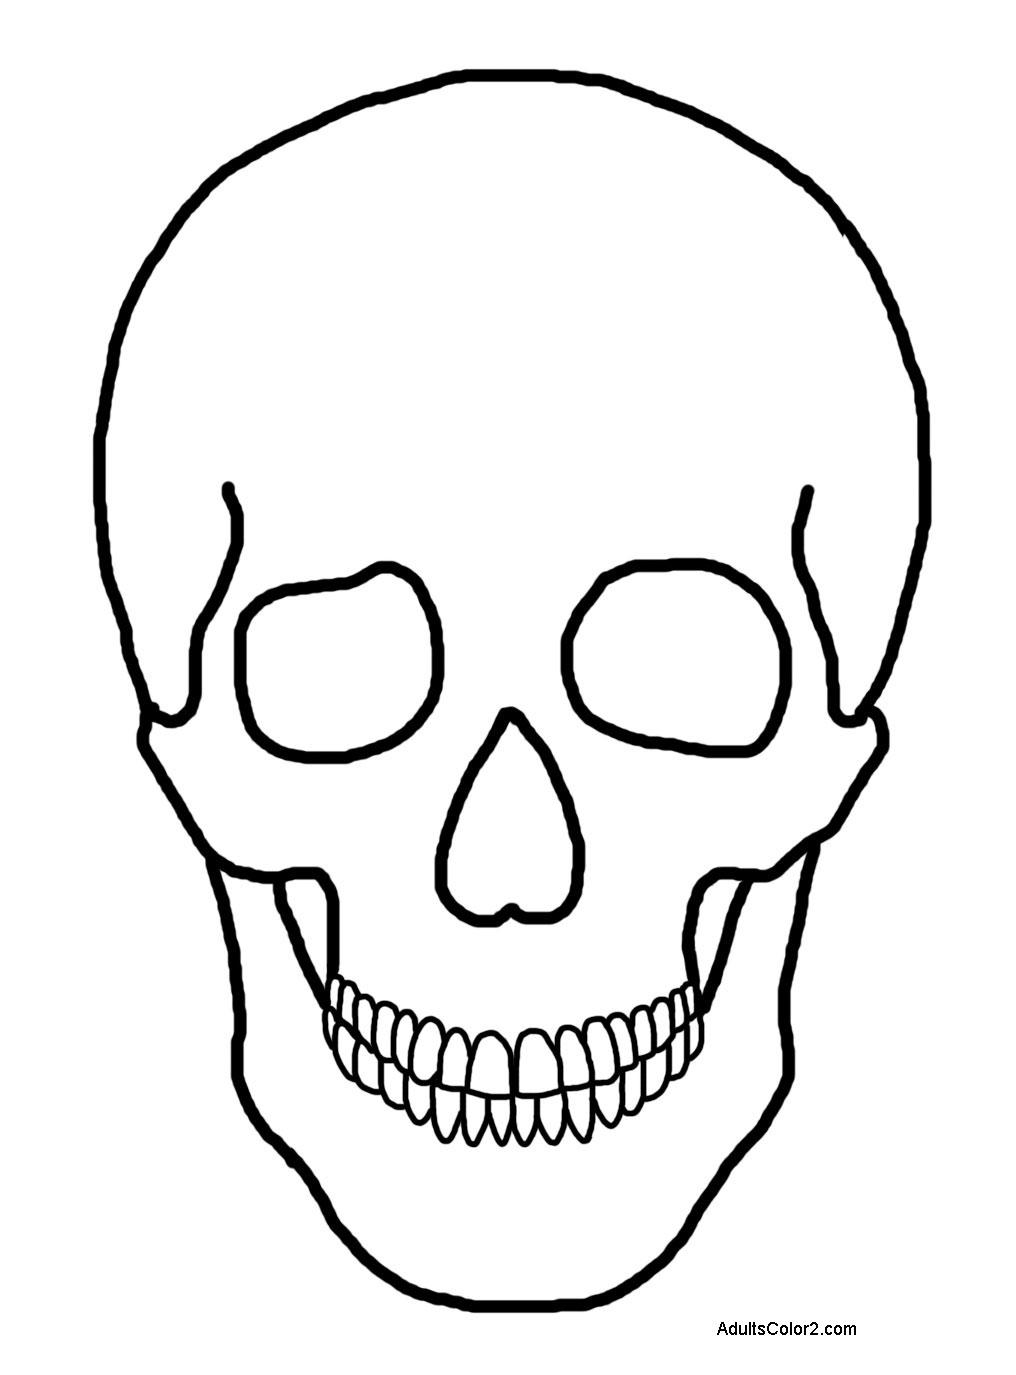 Hard Coloring Pages Print Real Sugar Skull Precision Hd Hard ... | 1375x1016